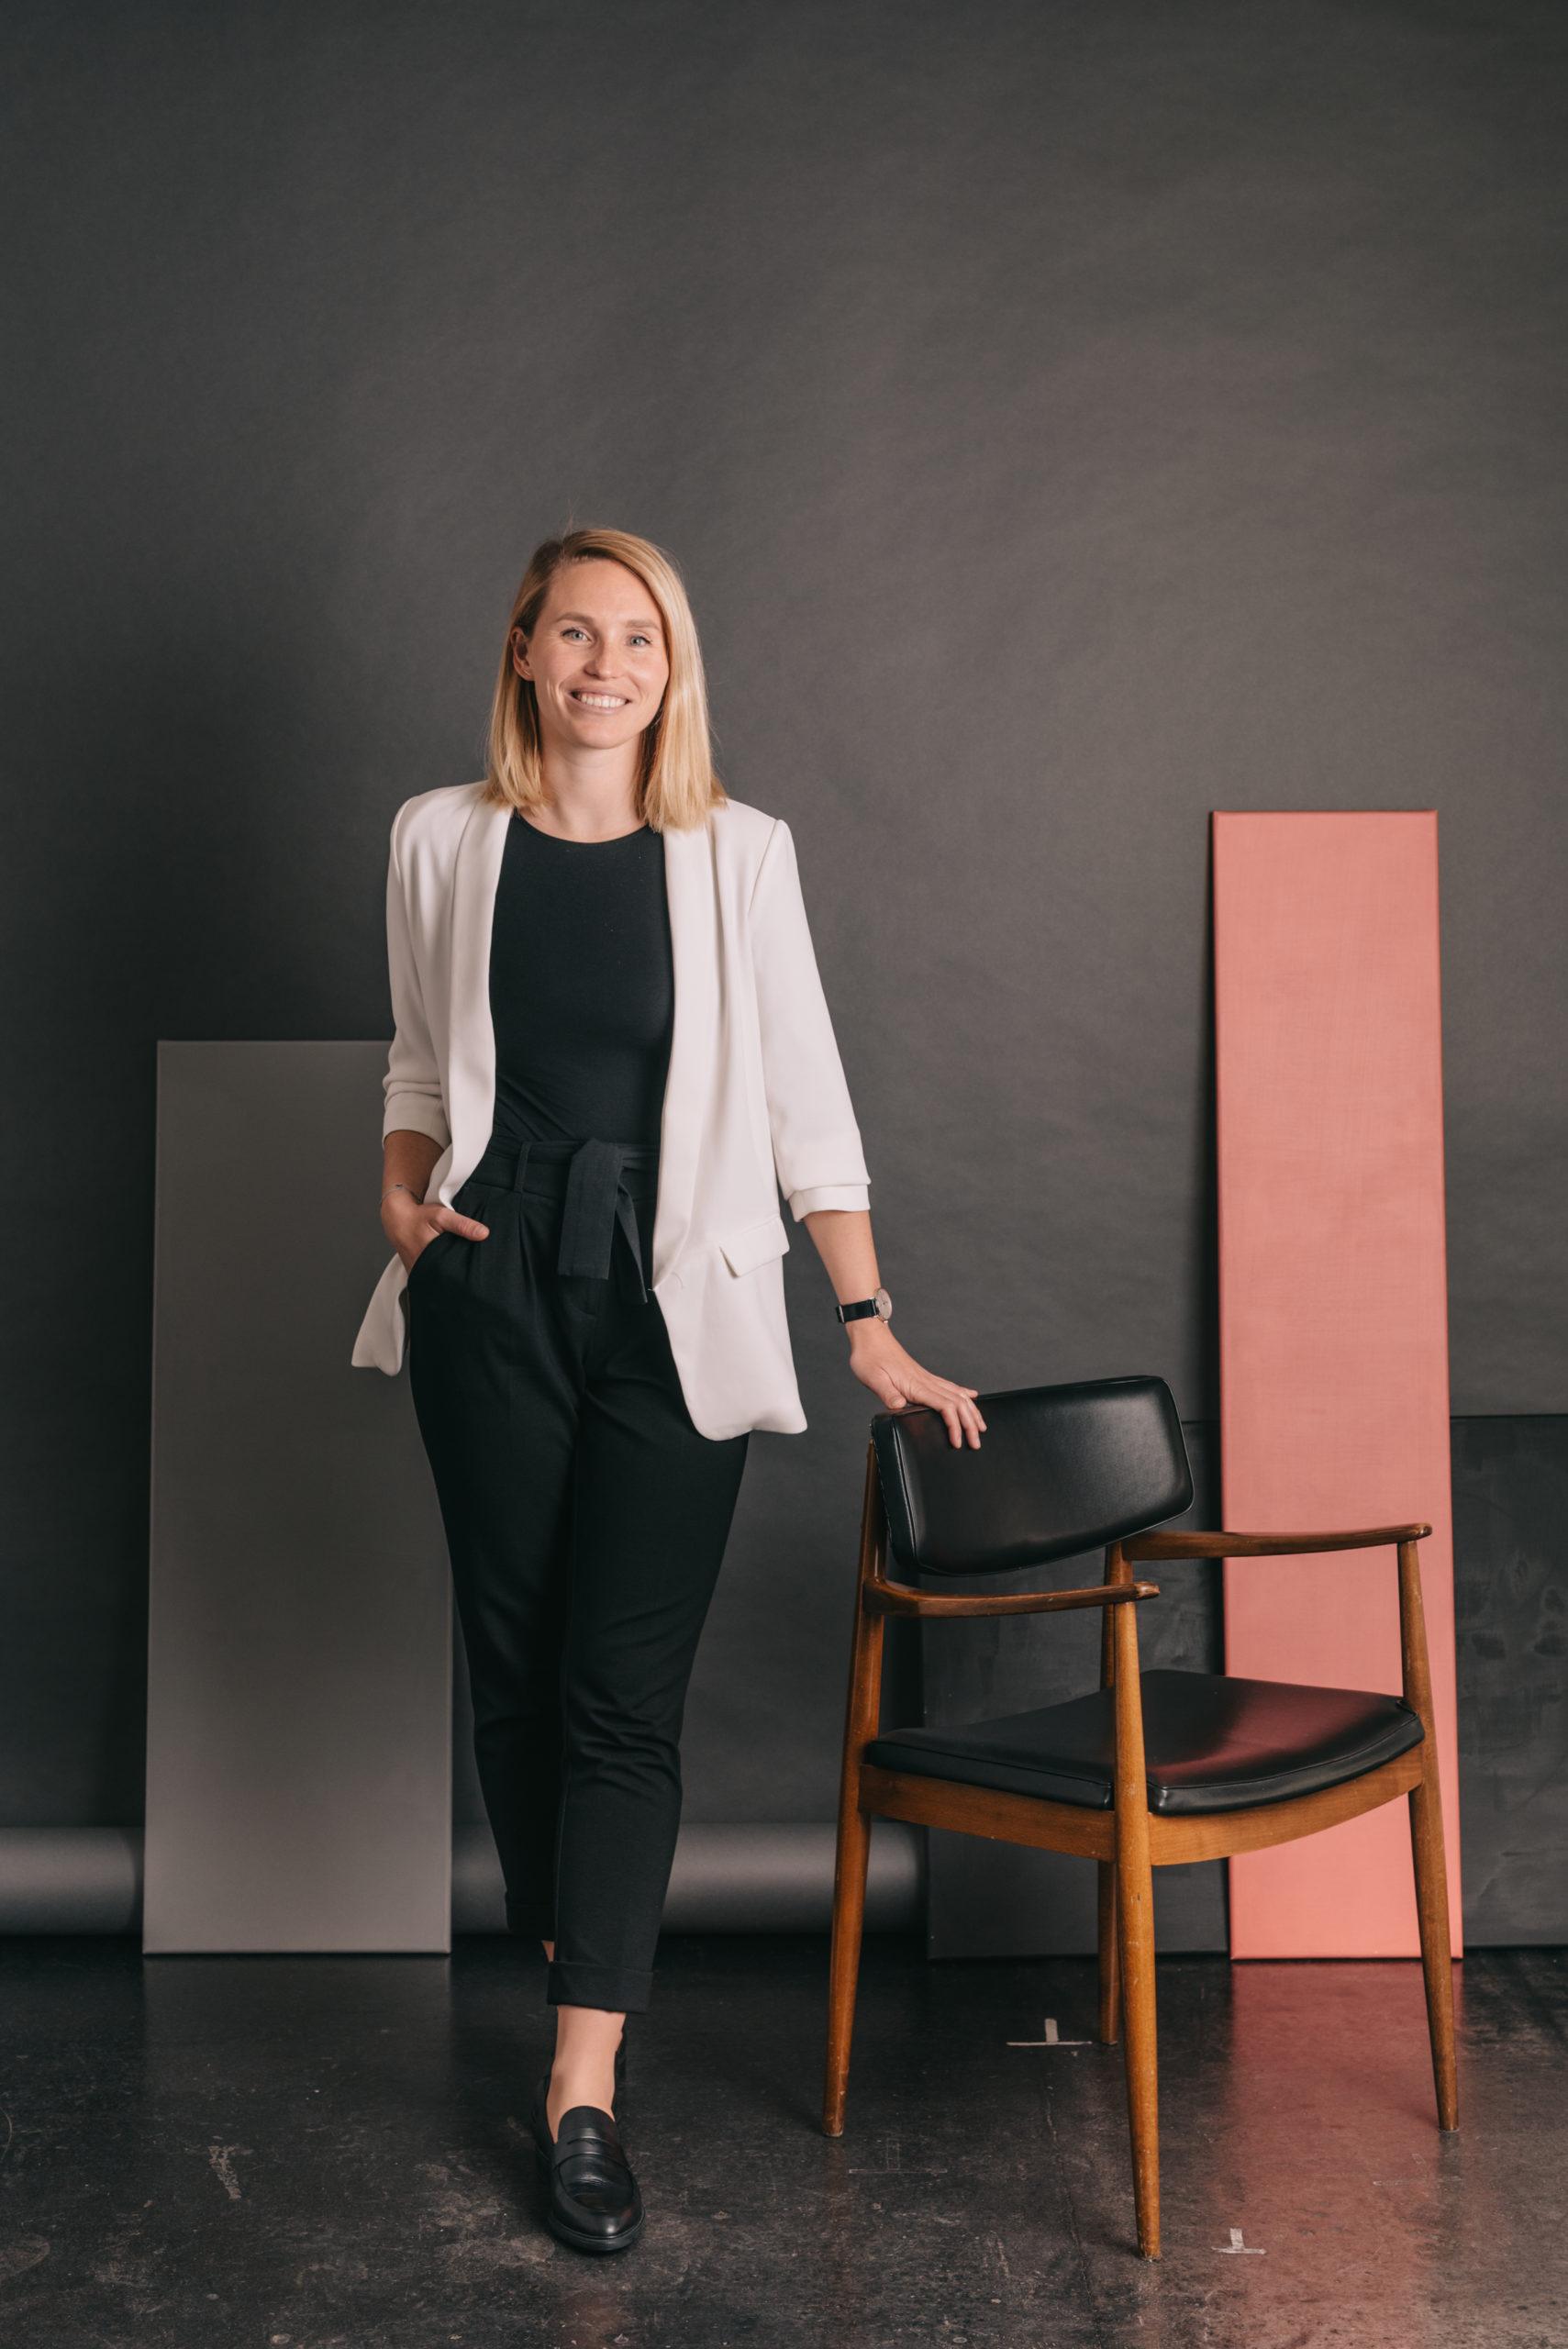 Mariella Kasper